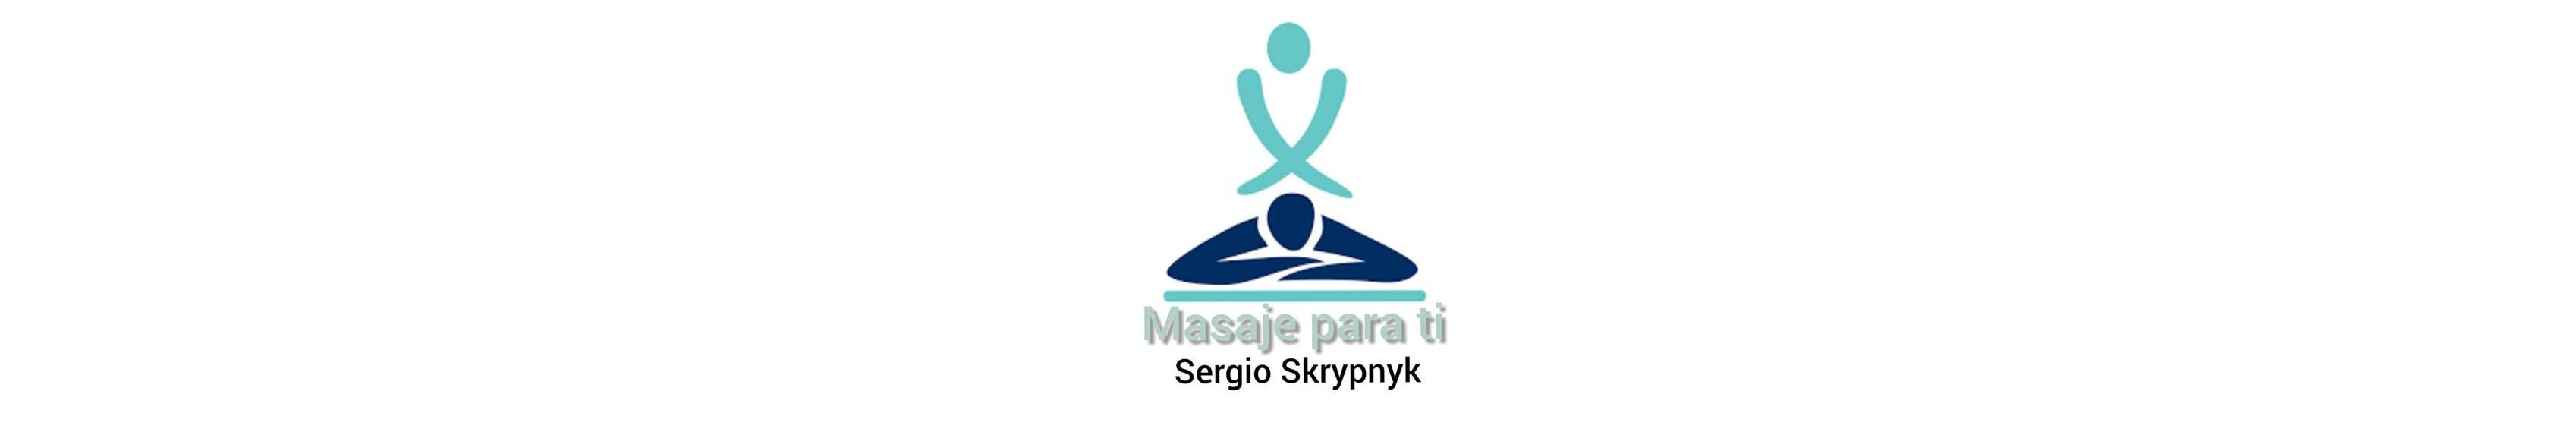 Услуги массажа - Сергей Скрипник